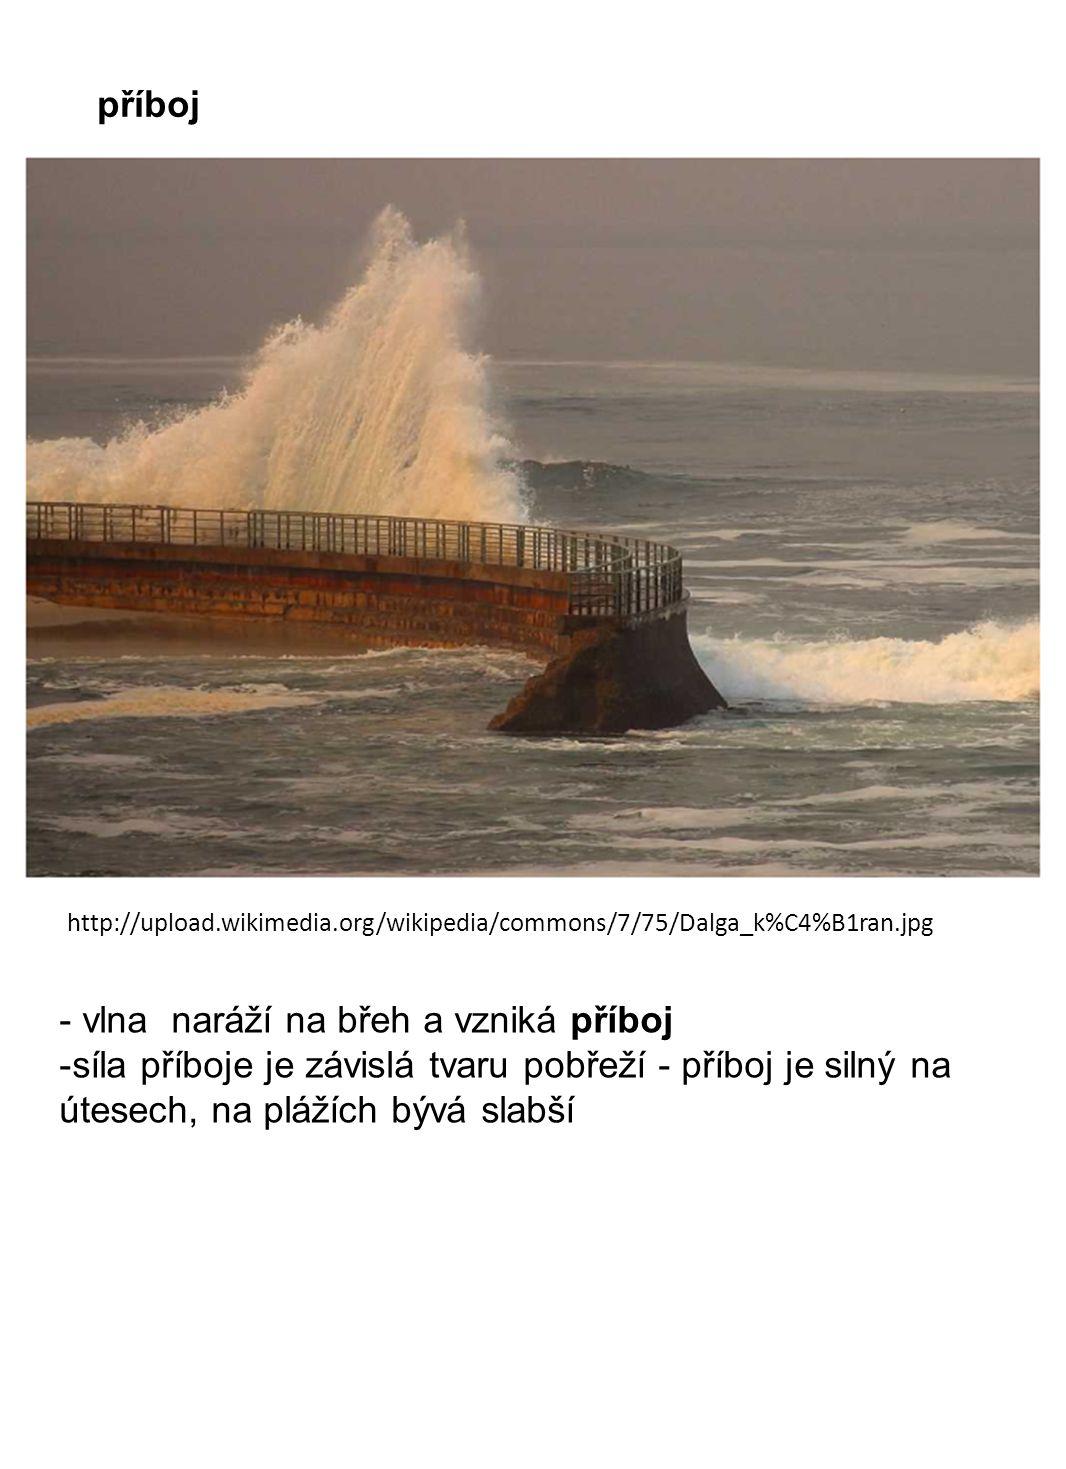 http://upload.wikimedia.org/wikipedia/commons/7/75/Dalga_k%C4%B1ran.jpg příboj - vlna naráží na břeh a vzniká příboj -síla příboje je závislá tvaru po